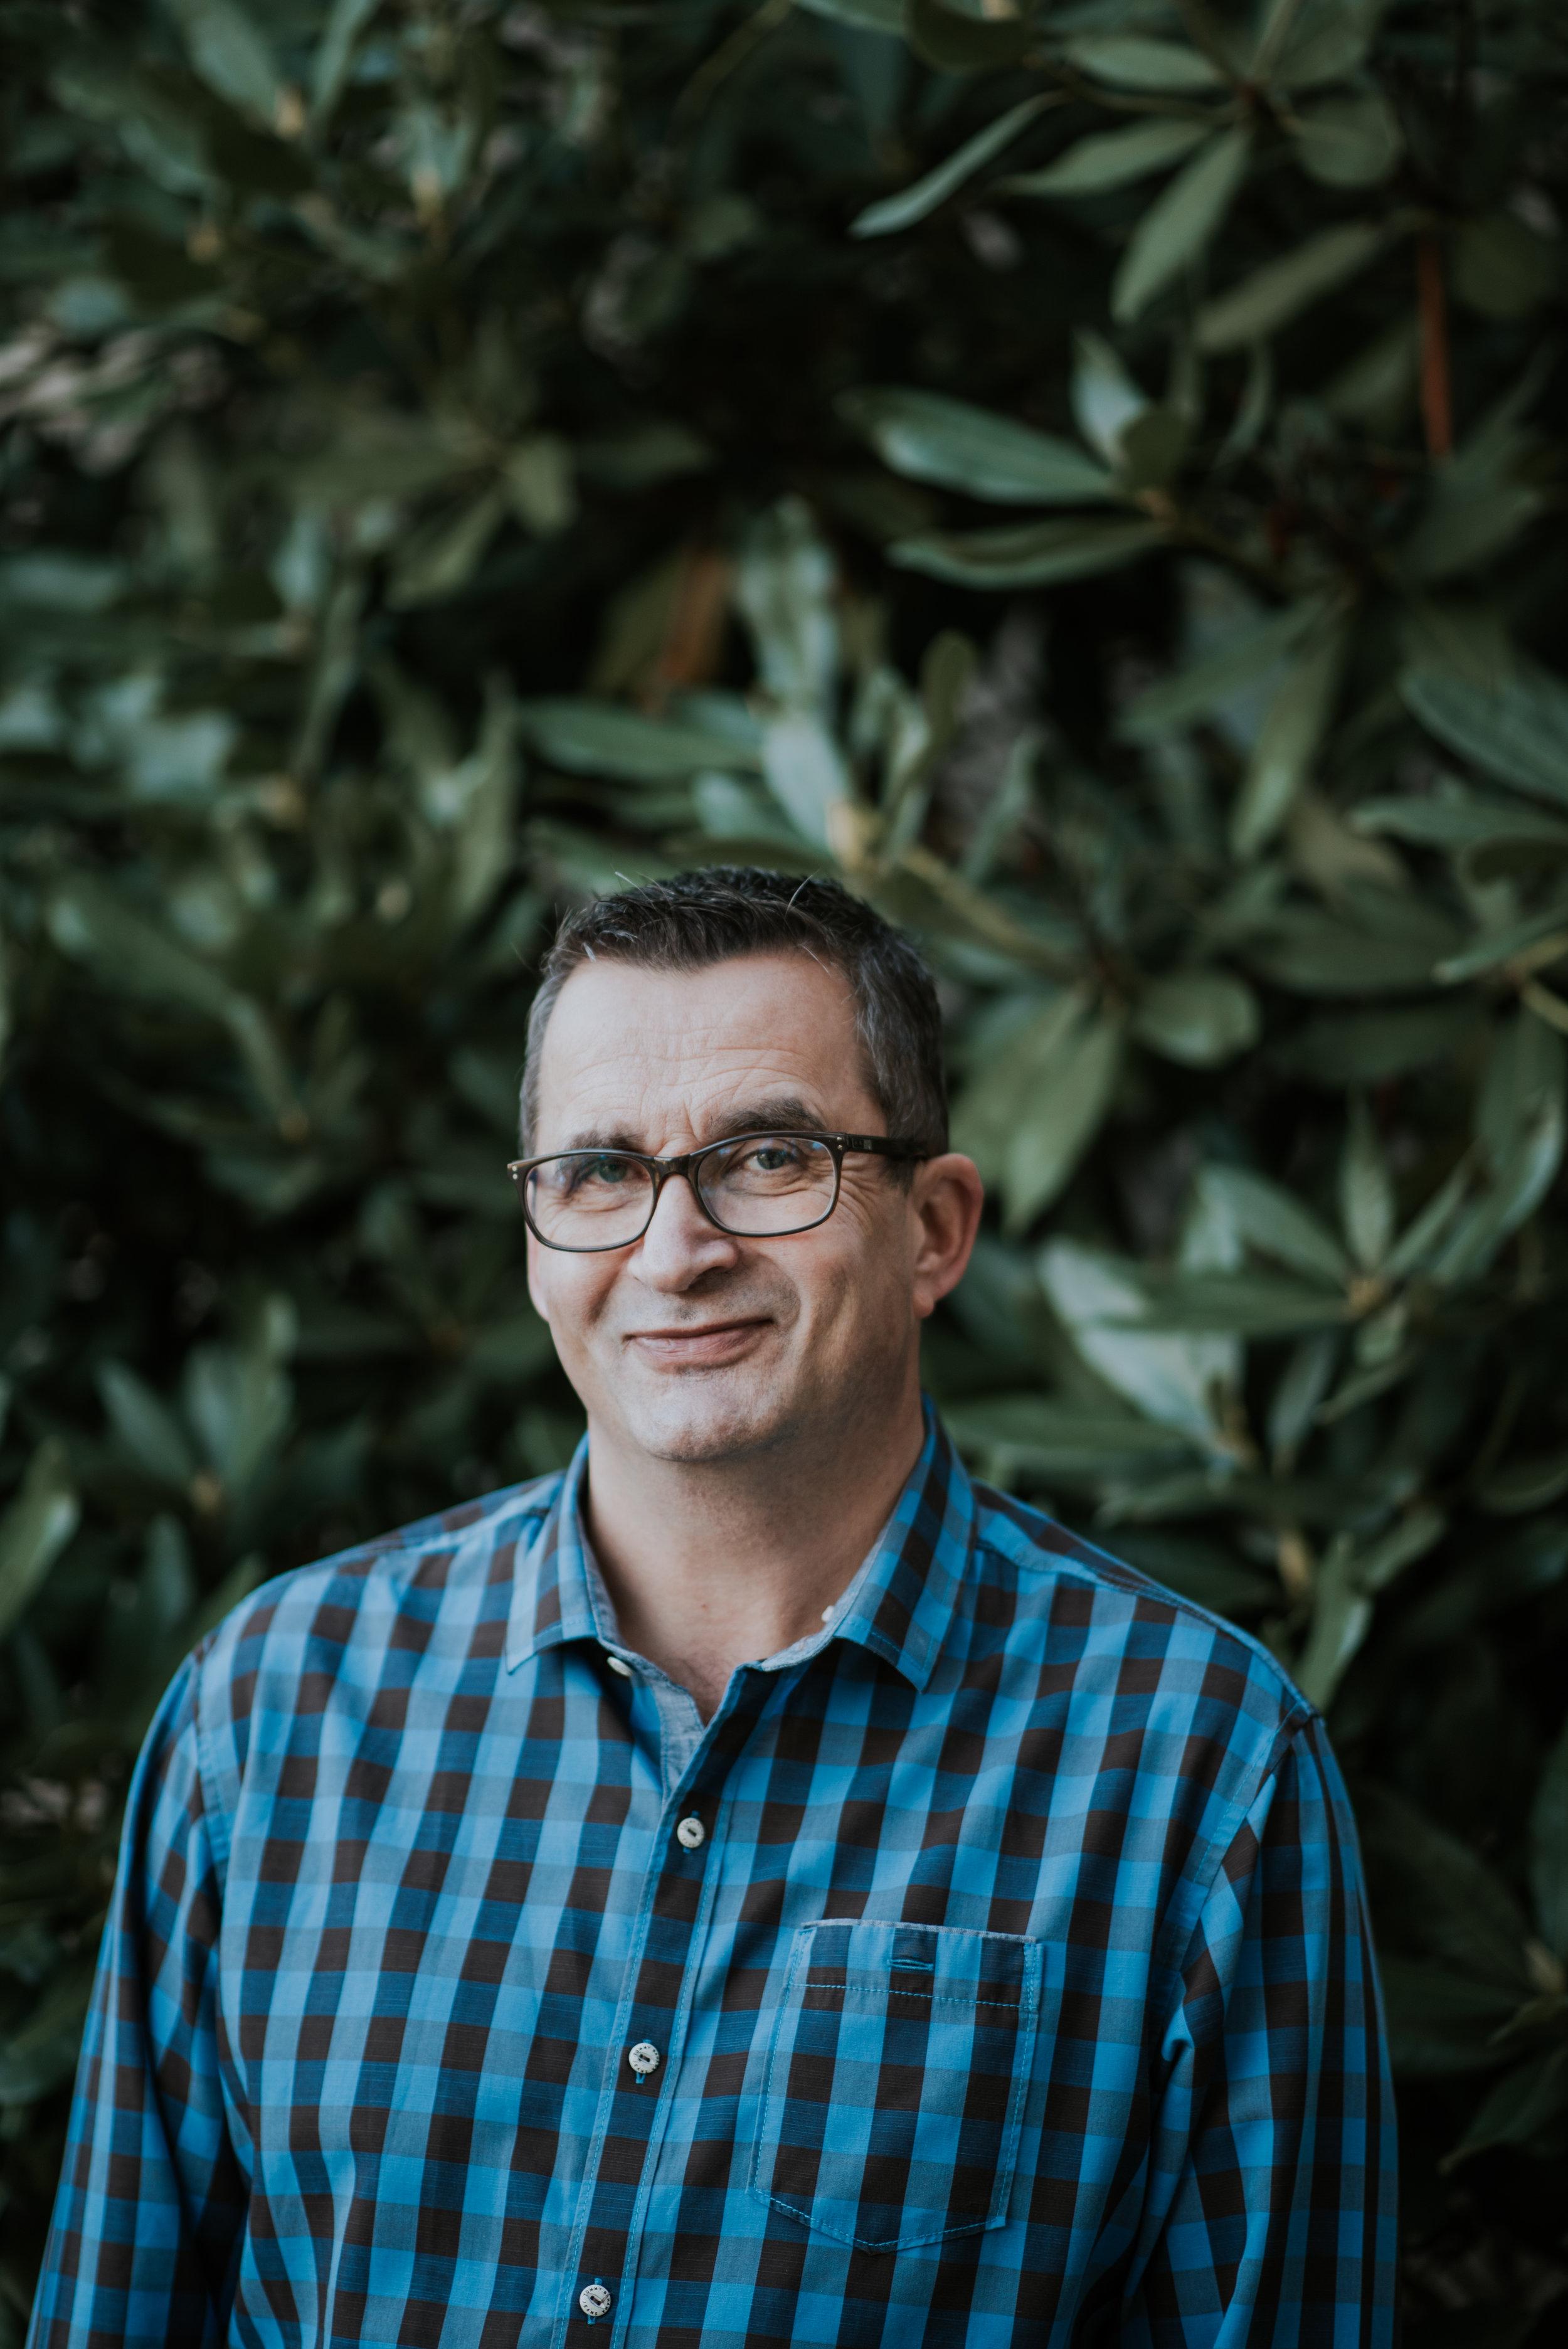 Dr. Dave Demchuk - President